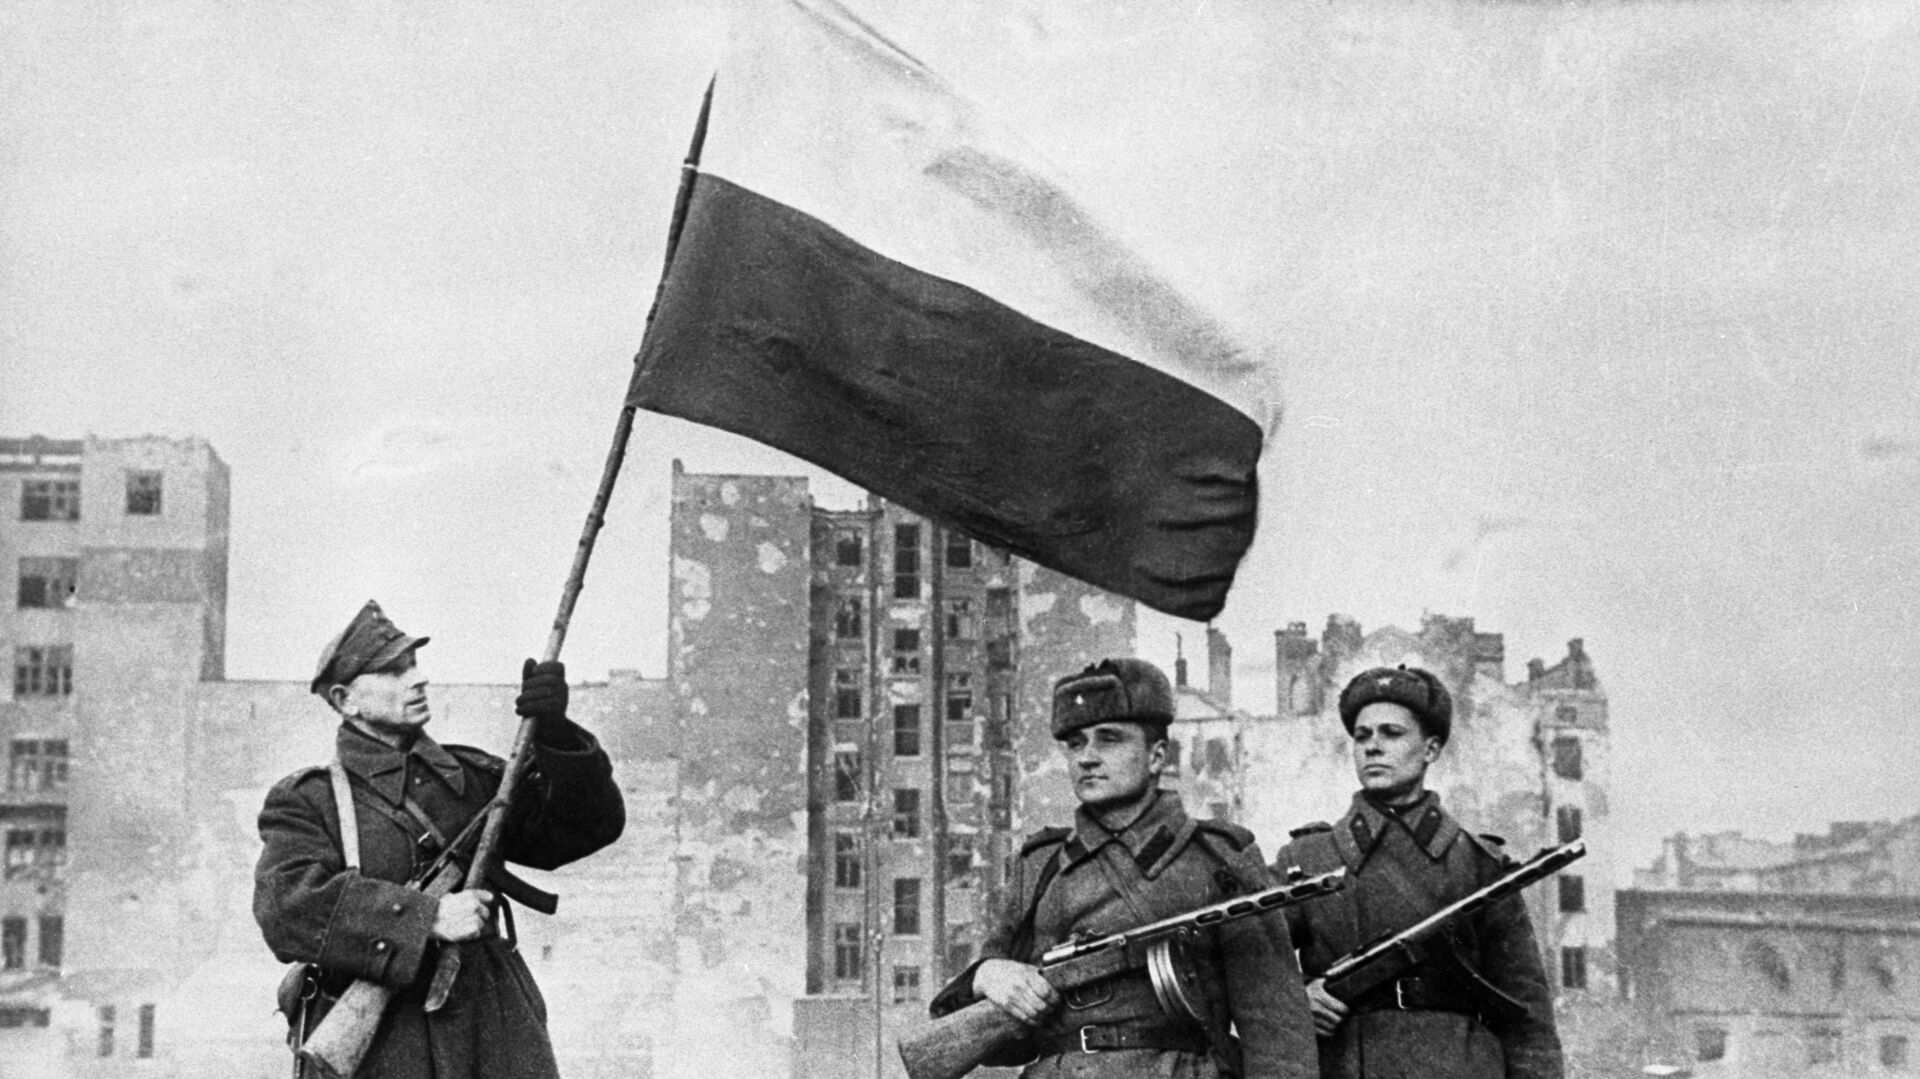 Wyzwolenie Polski od nazistowskich najeźdźców, 1945 rok - Sputnik Polska, 1920, 08.05.2021